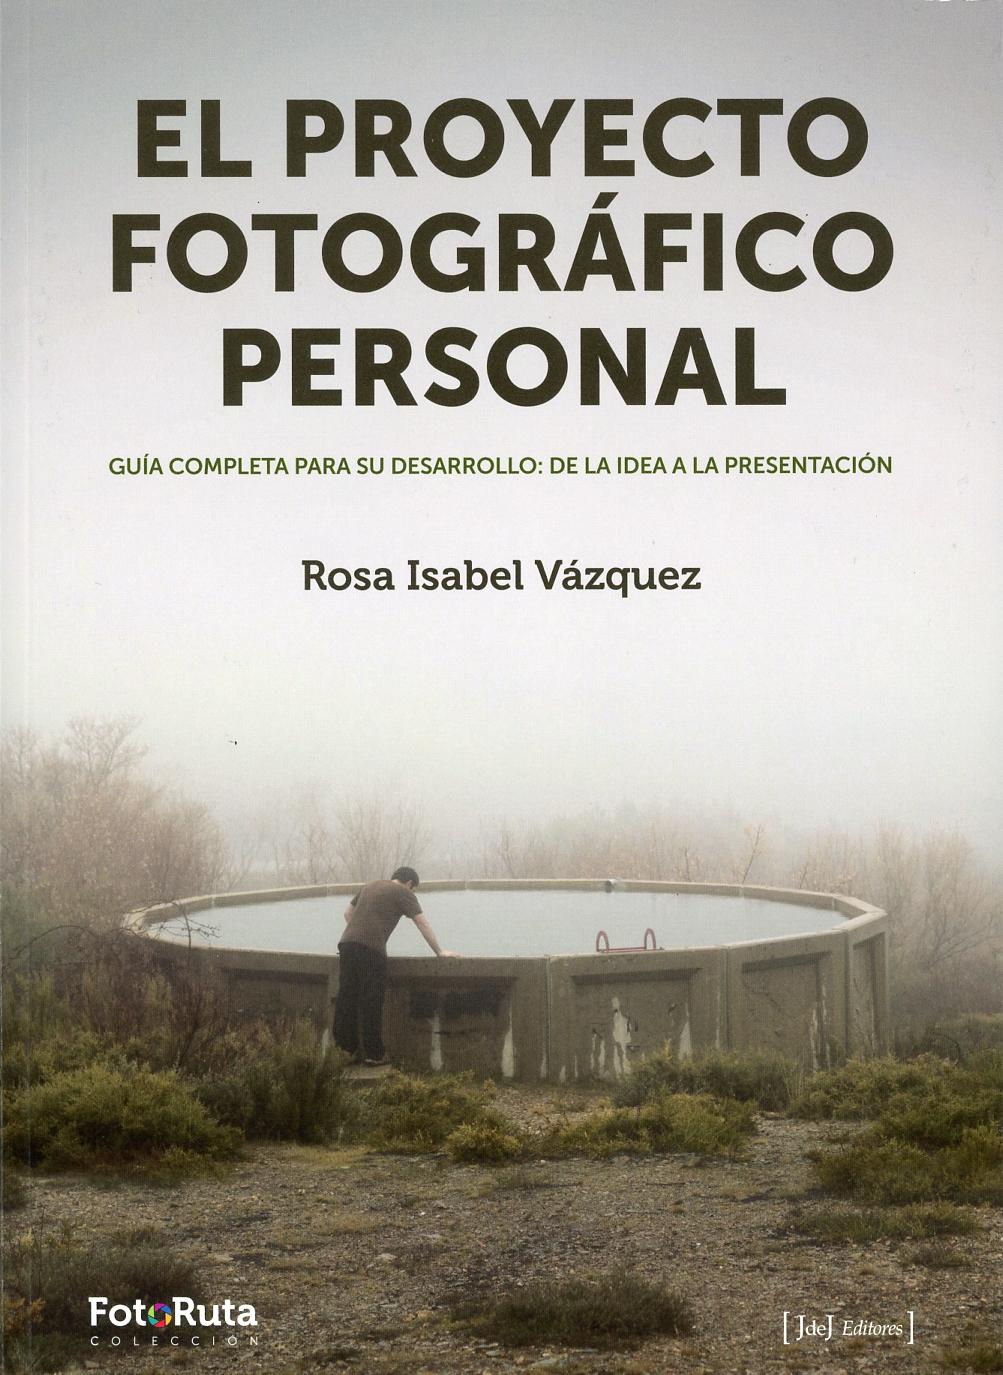 El proyecto fotográfico personal, un libro de Rosa Isabel Vázquez